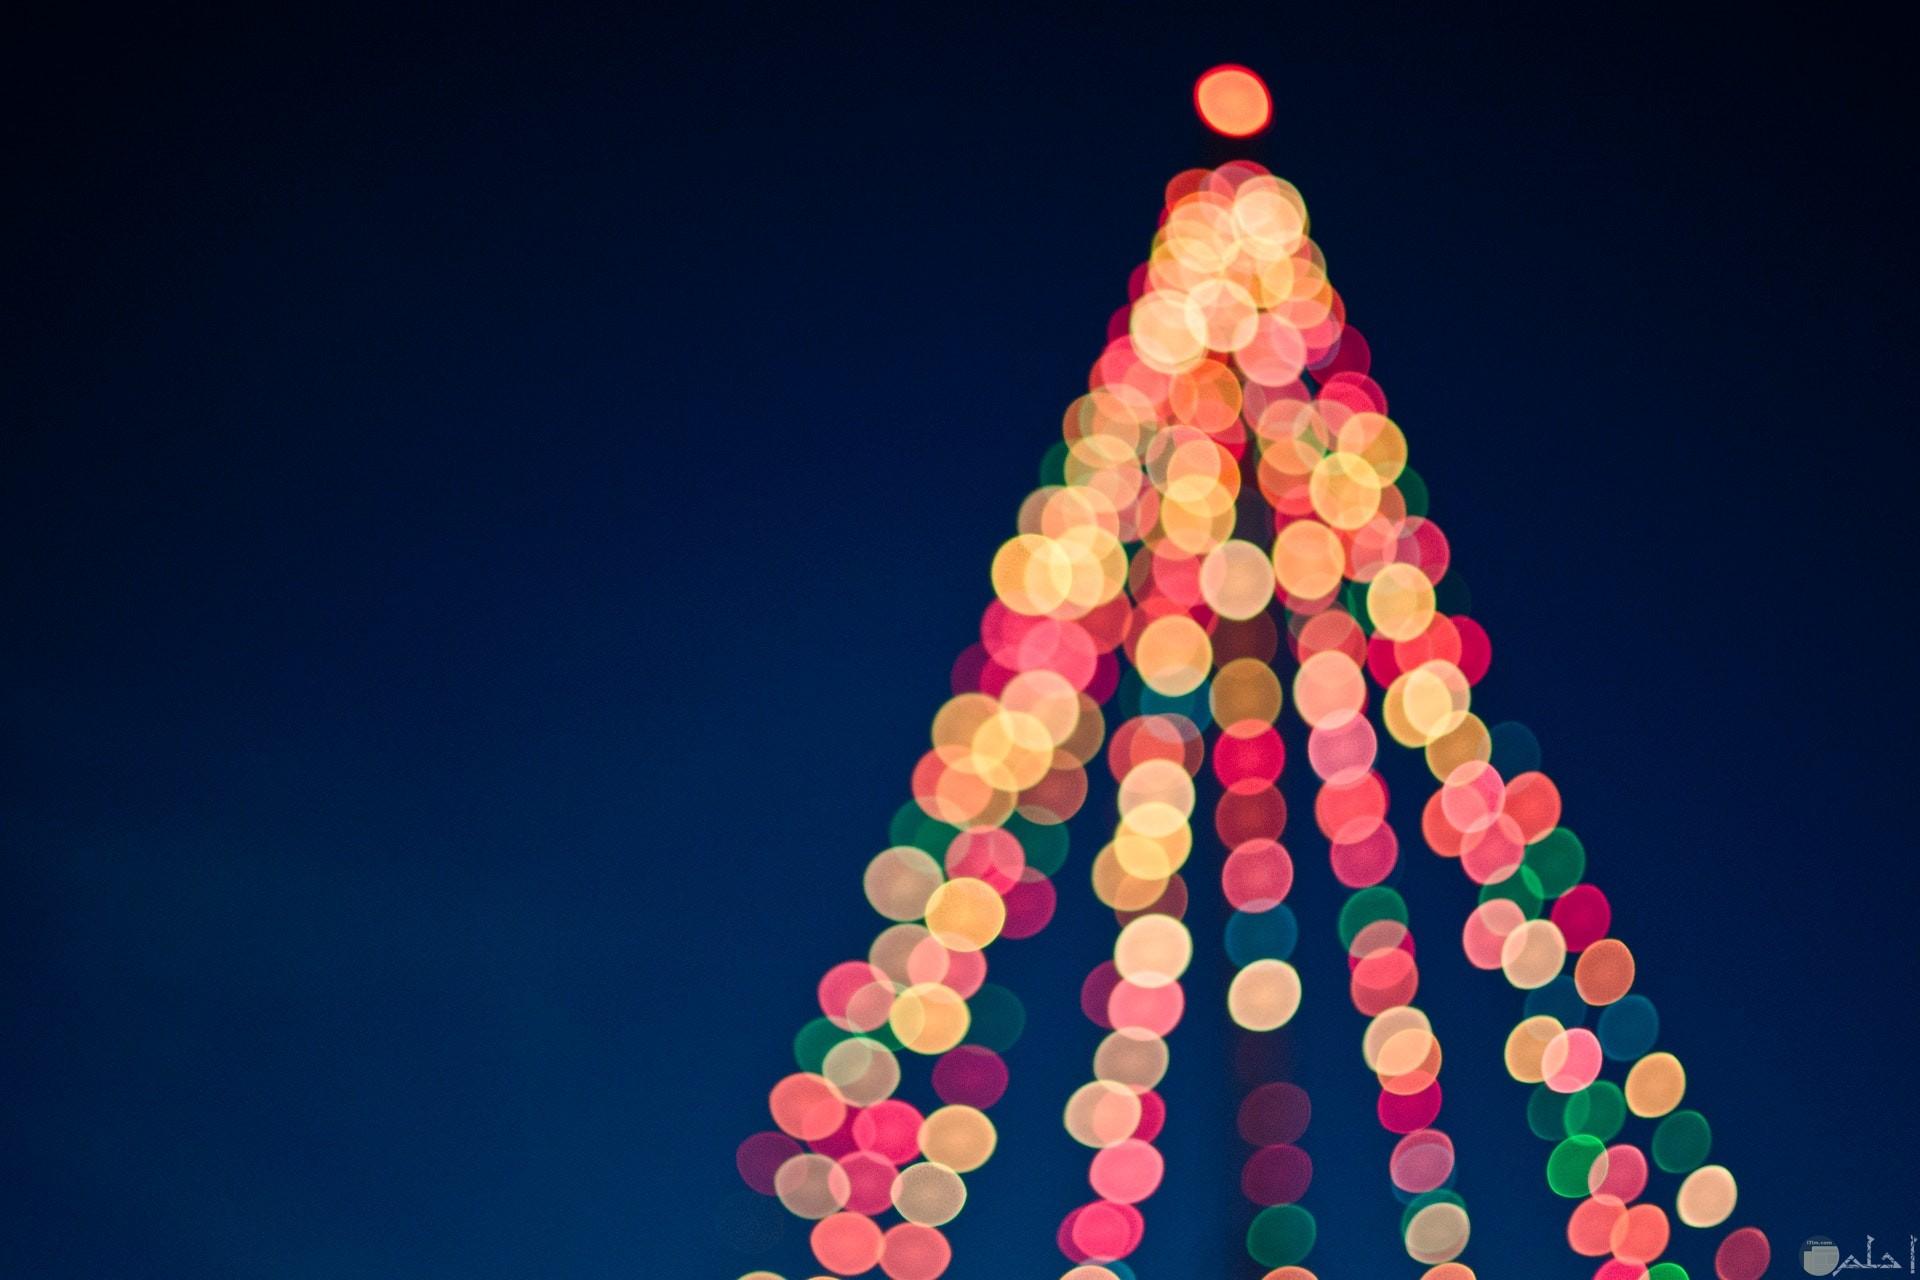 صورة جميلة مزخرفة بأضواء رائعة مختلفة الألوان